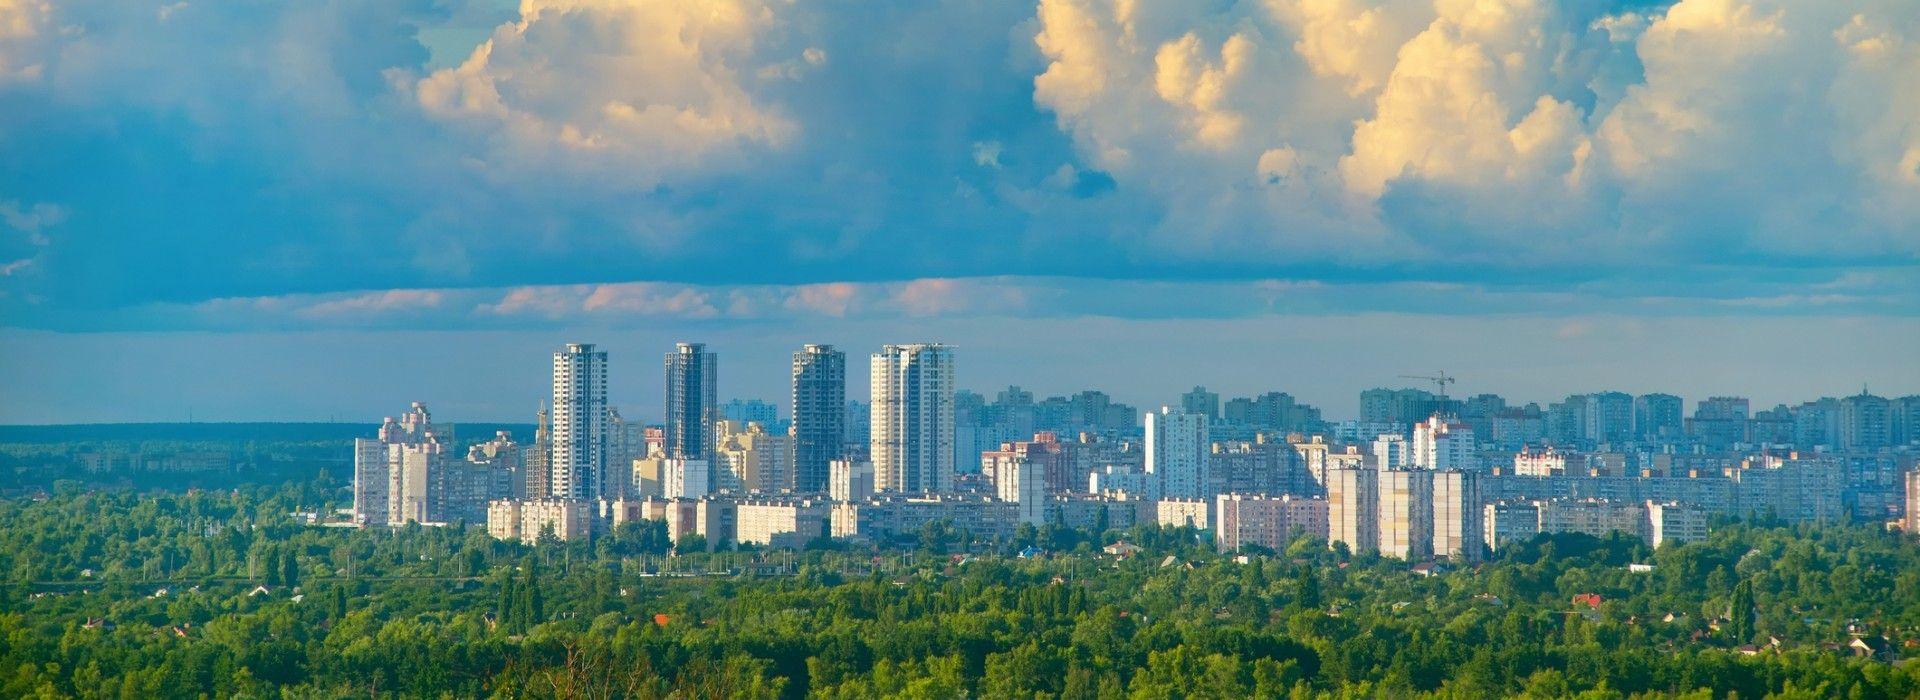 Ukraine Tours and Trips to Ukraine